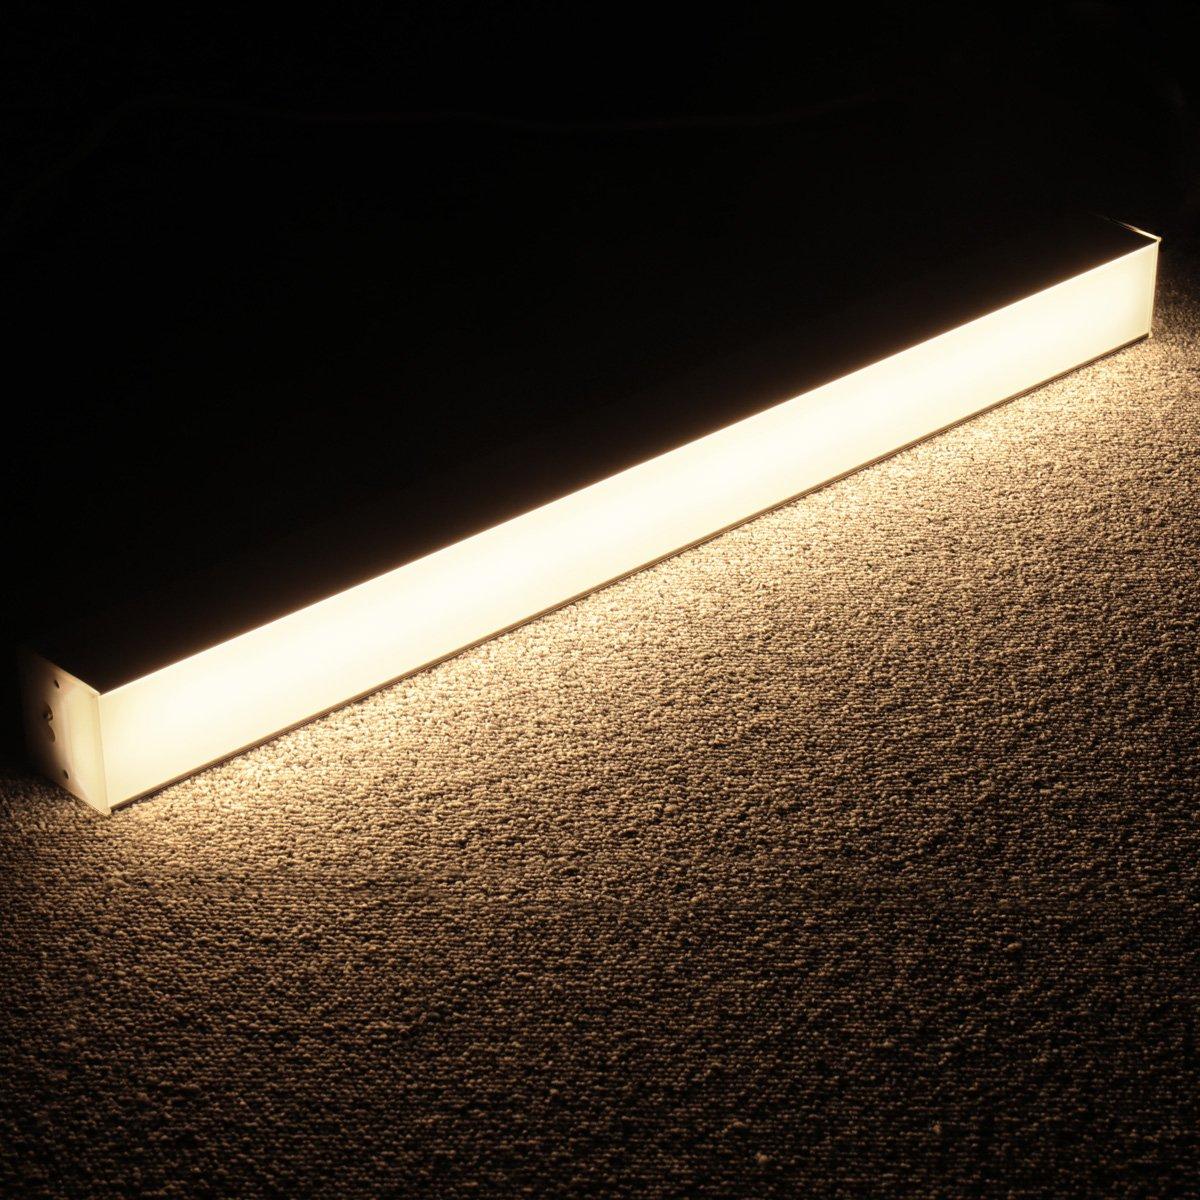 Lagute LEDGo DIYリニアモジュールLEDライトと電源コード、1.8 mのオフィス、ガレージ、ワークショップ、サスペンションと壁掛け昼光用の自由に組み立て可能なDIY照明3500K  - 暖かい白2FT 20W